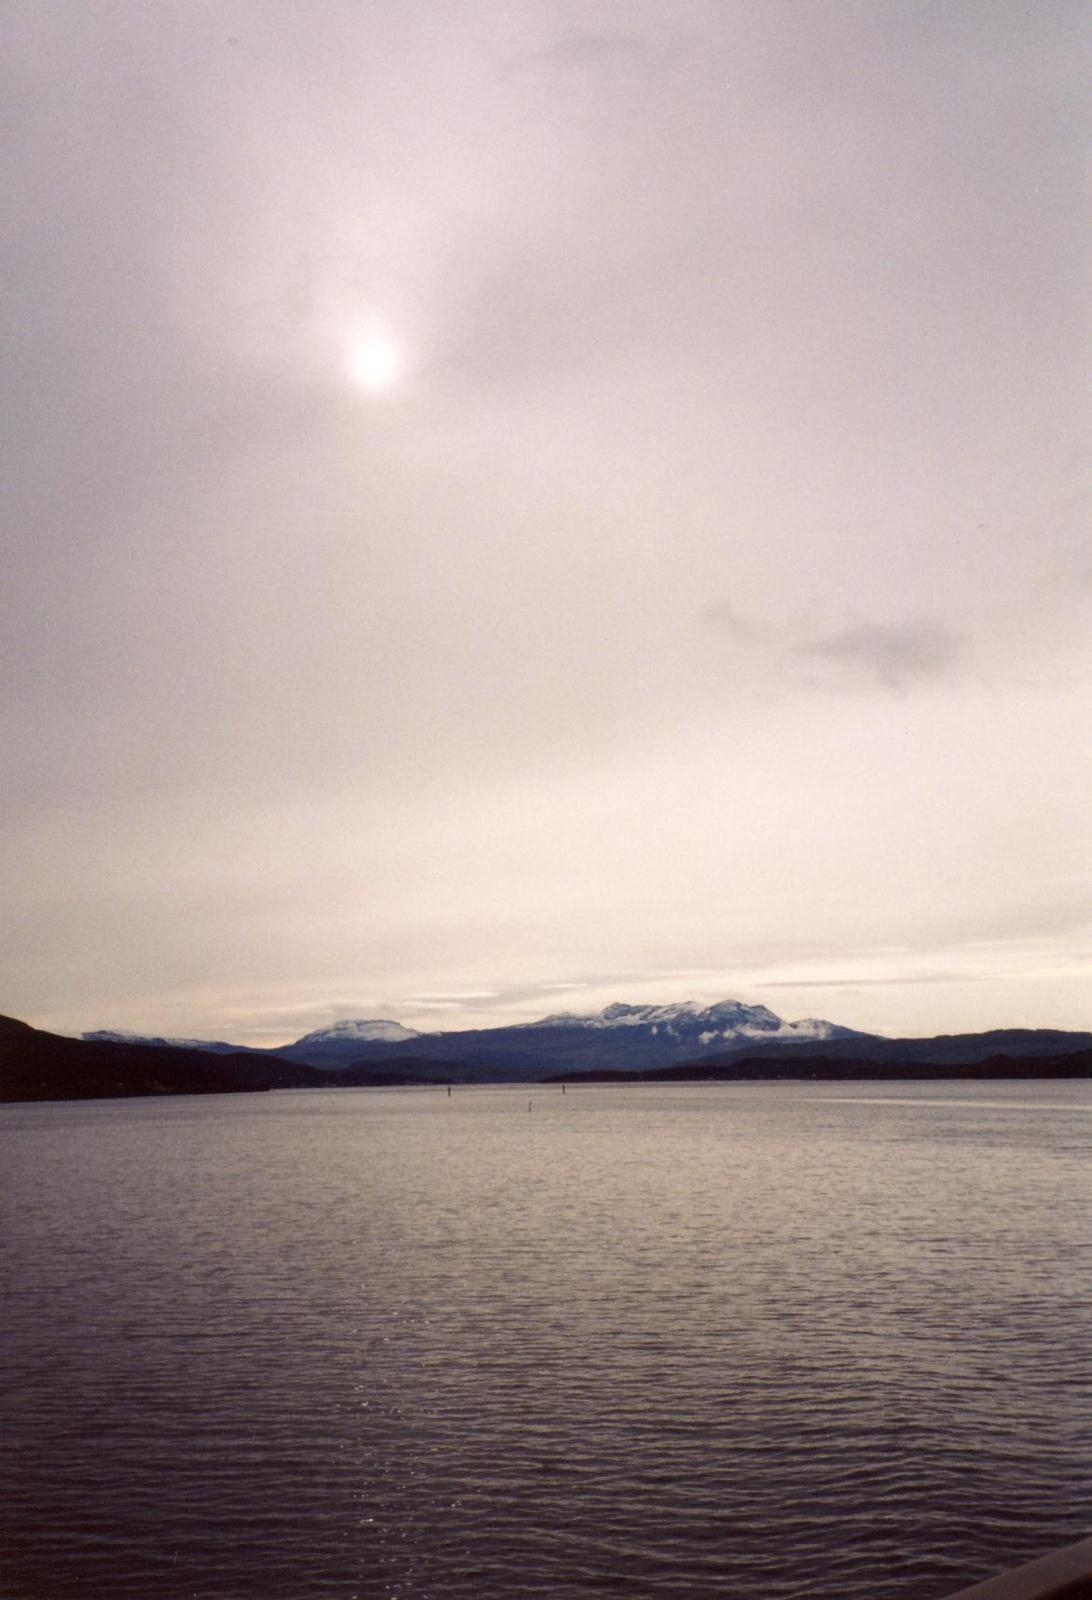 Soleil nordique